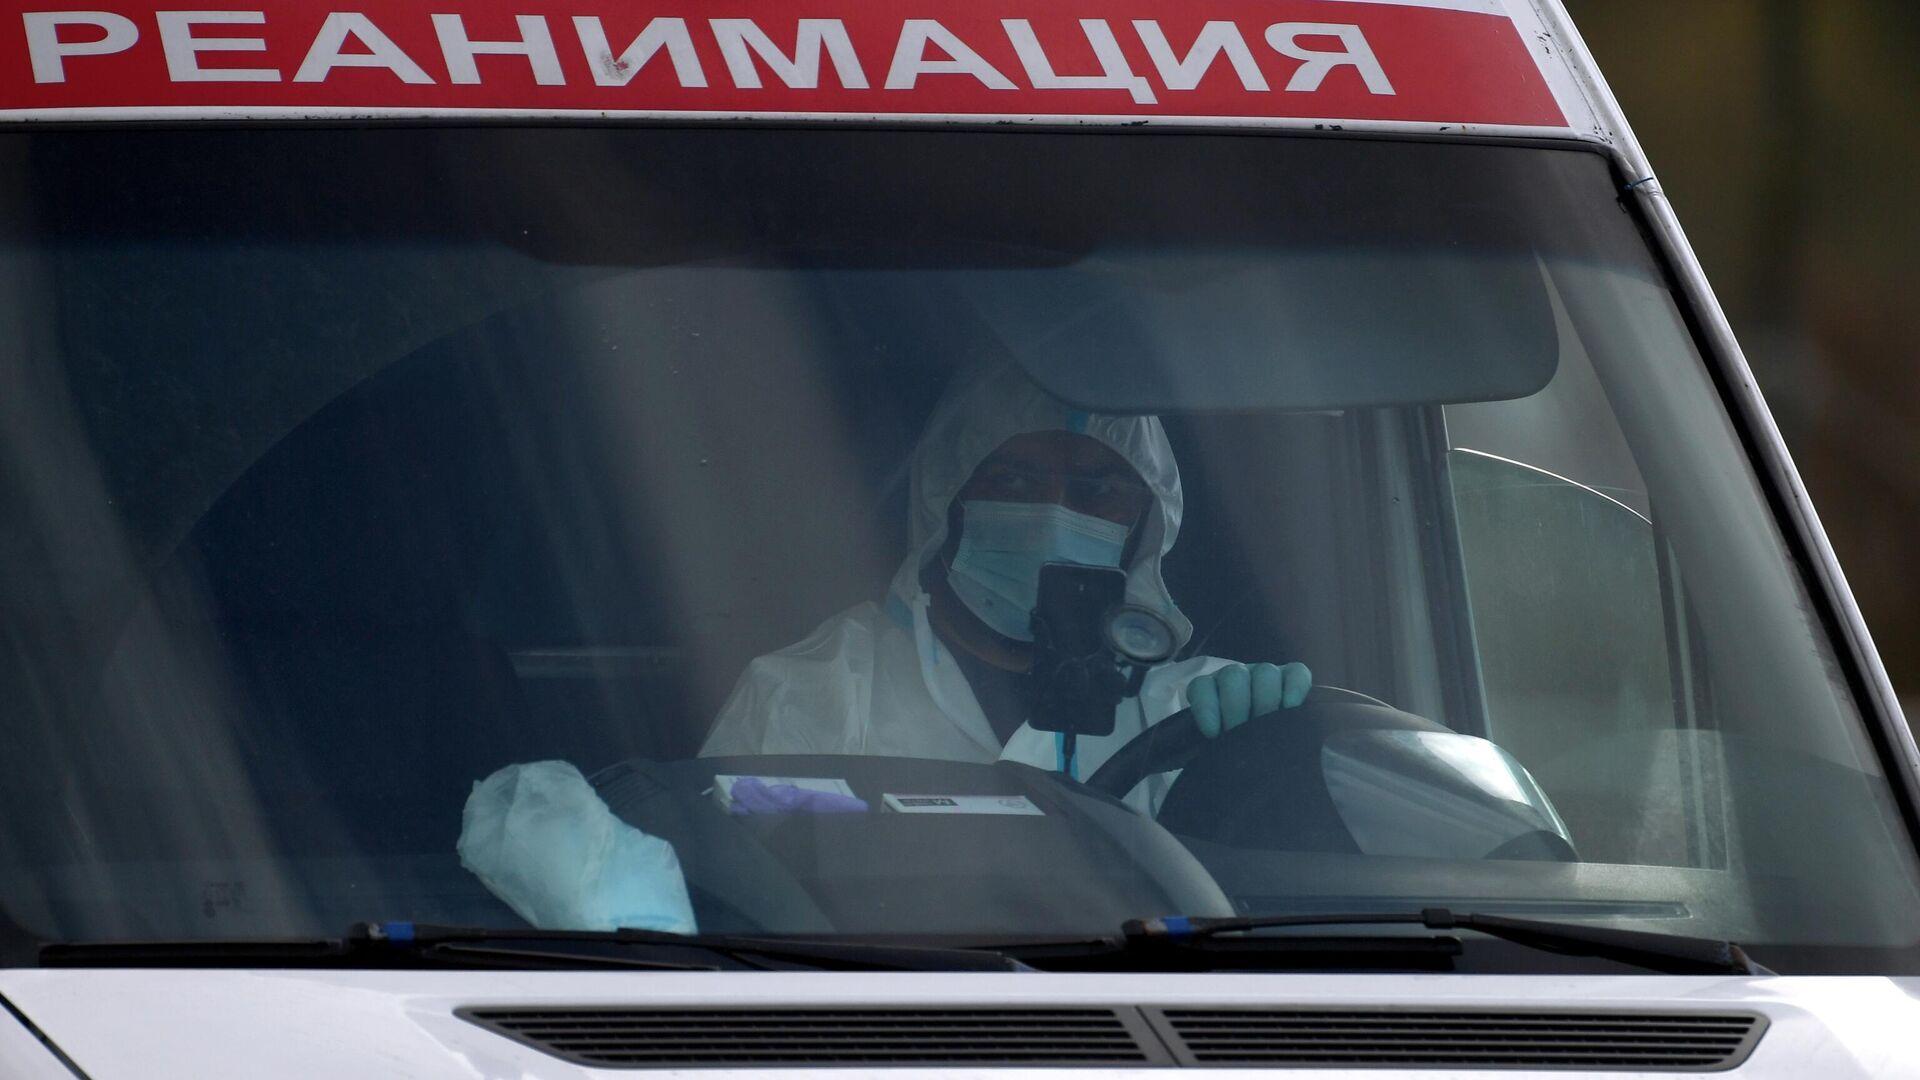 Машина скорой медицинской помощи возле карантинного центра в Коммунарке - РИА Новости, 1920, 08.01.2021